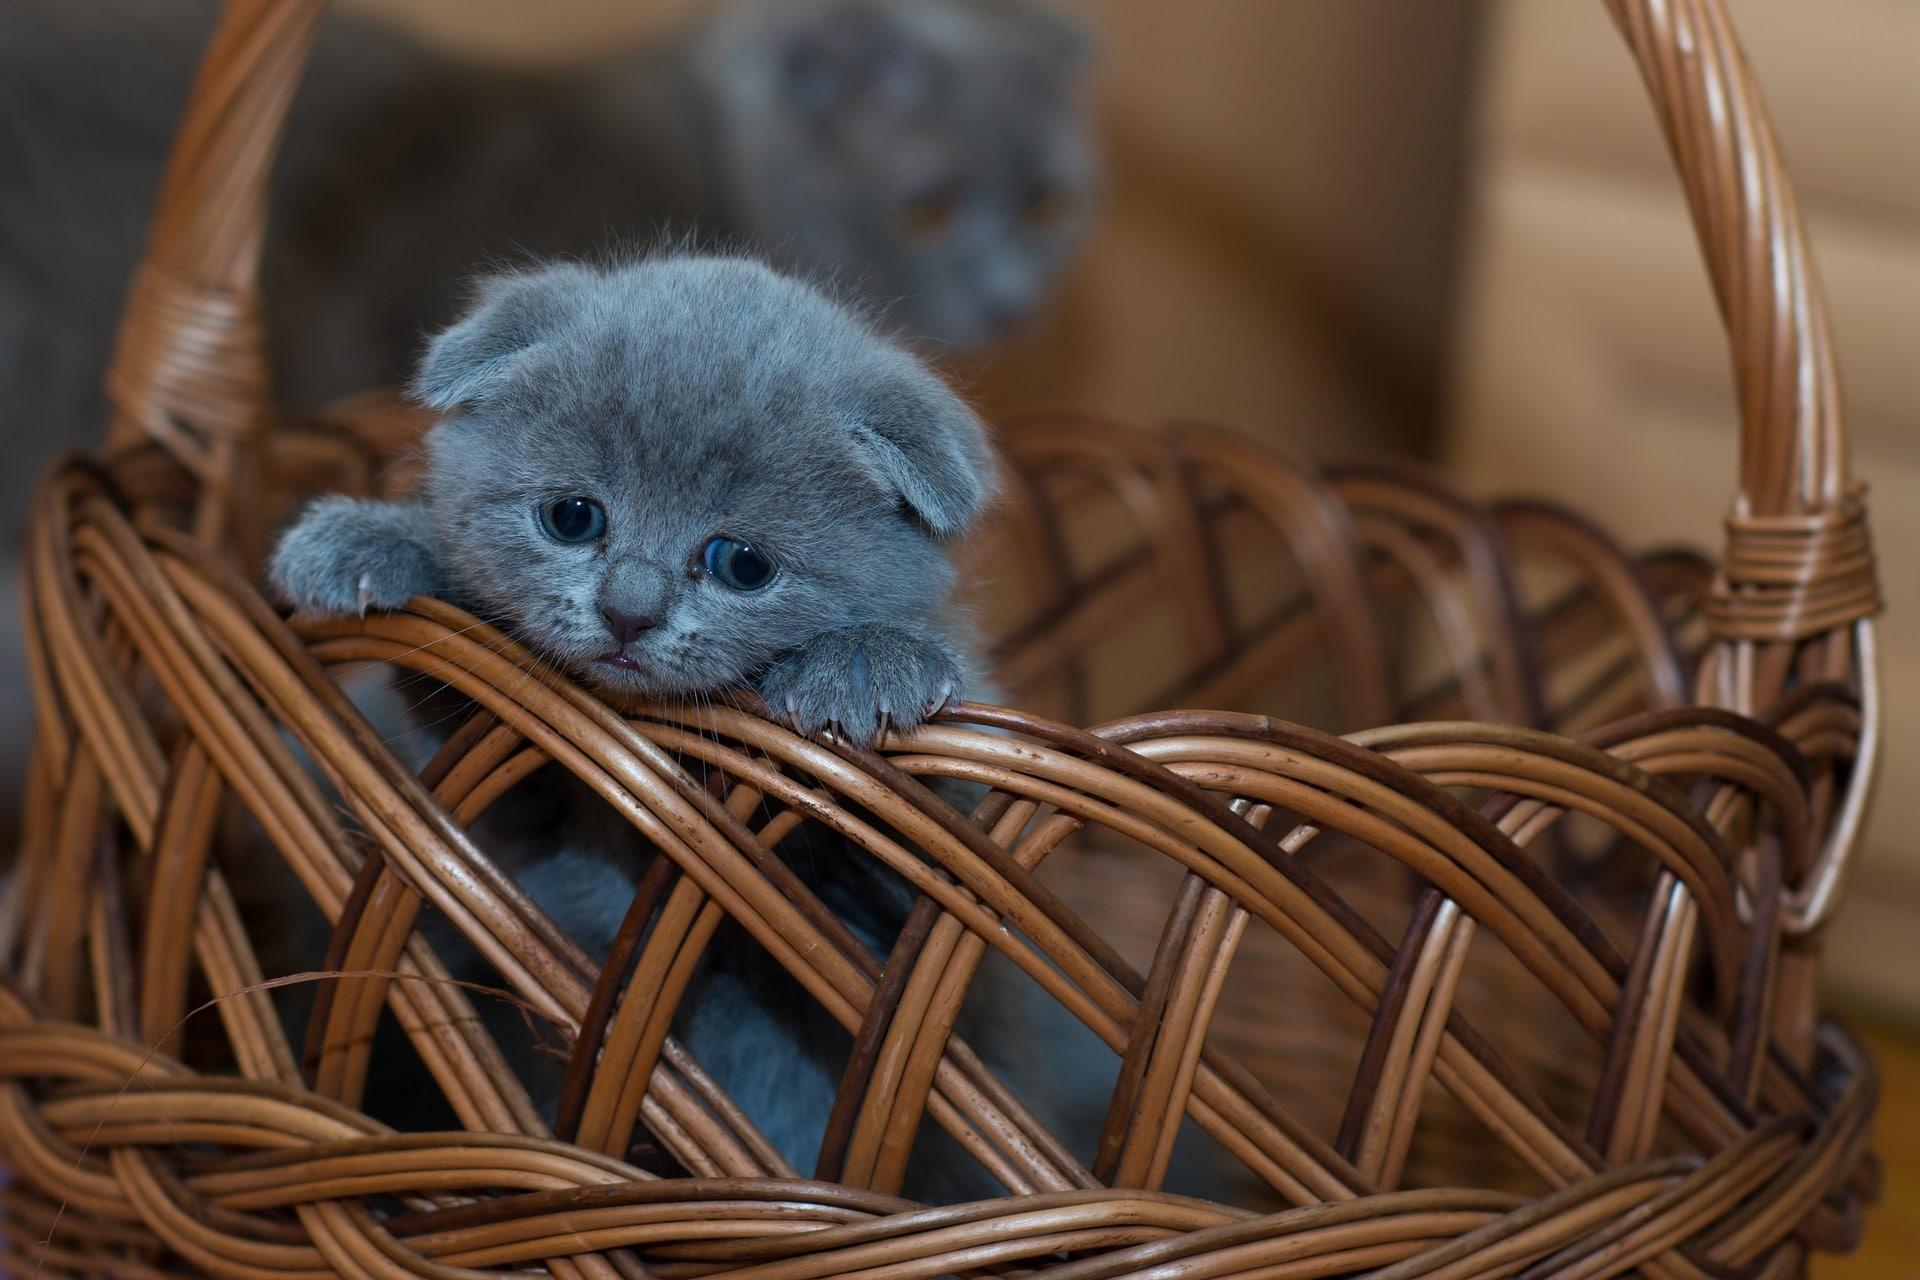 El gatito debe comer alimento de calidad